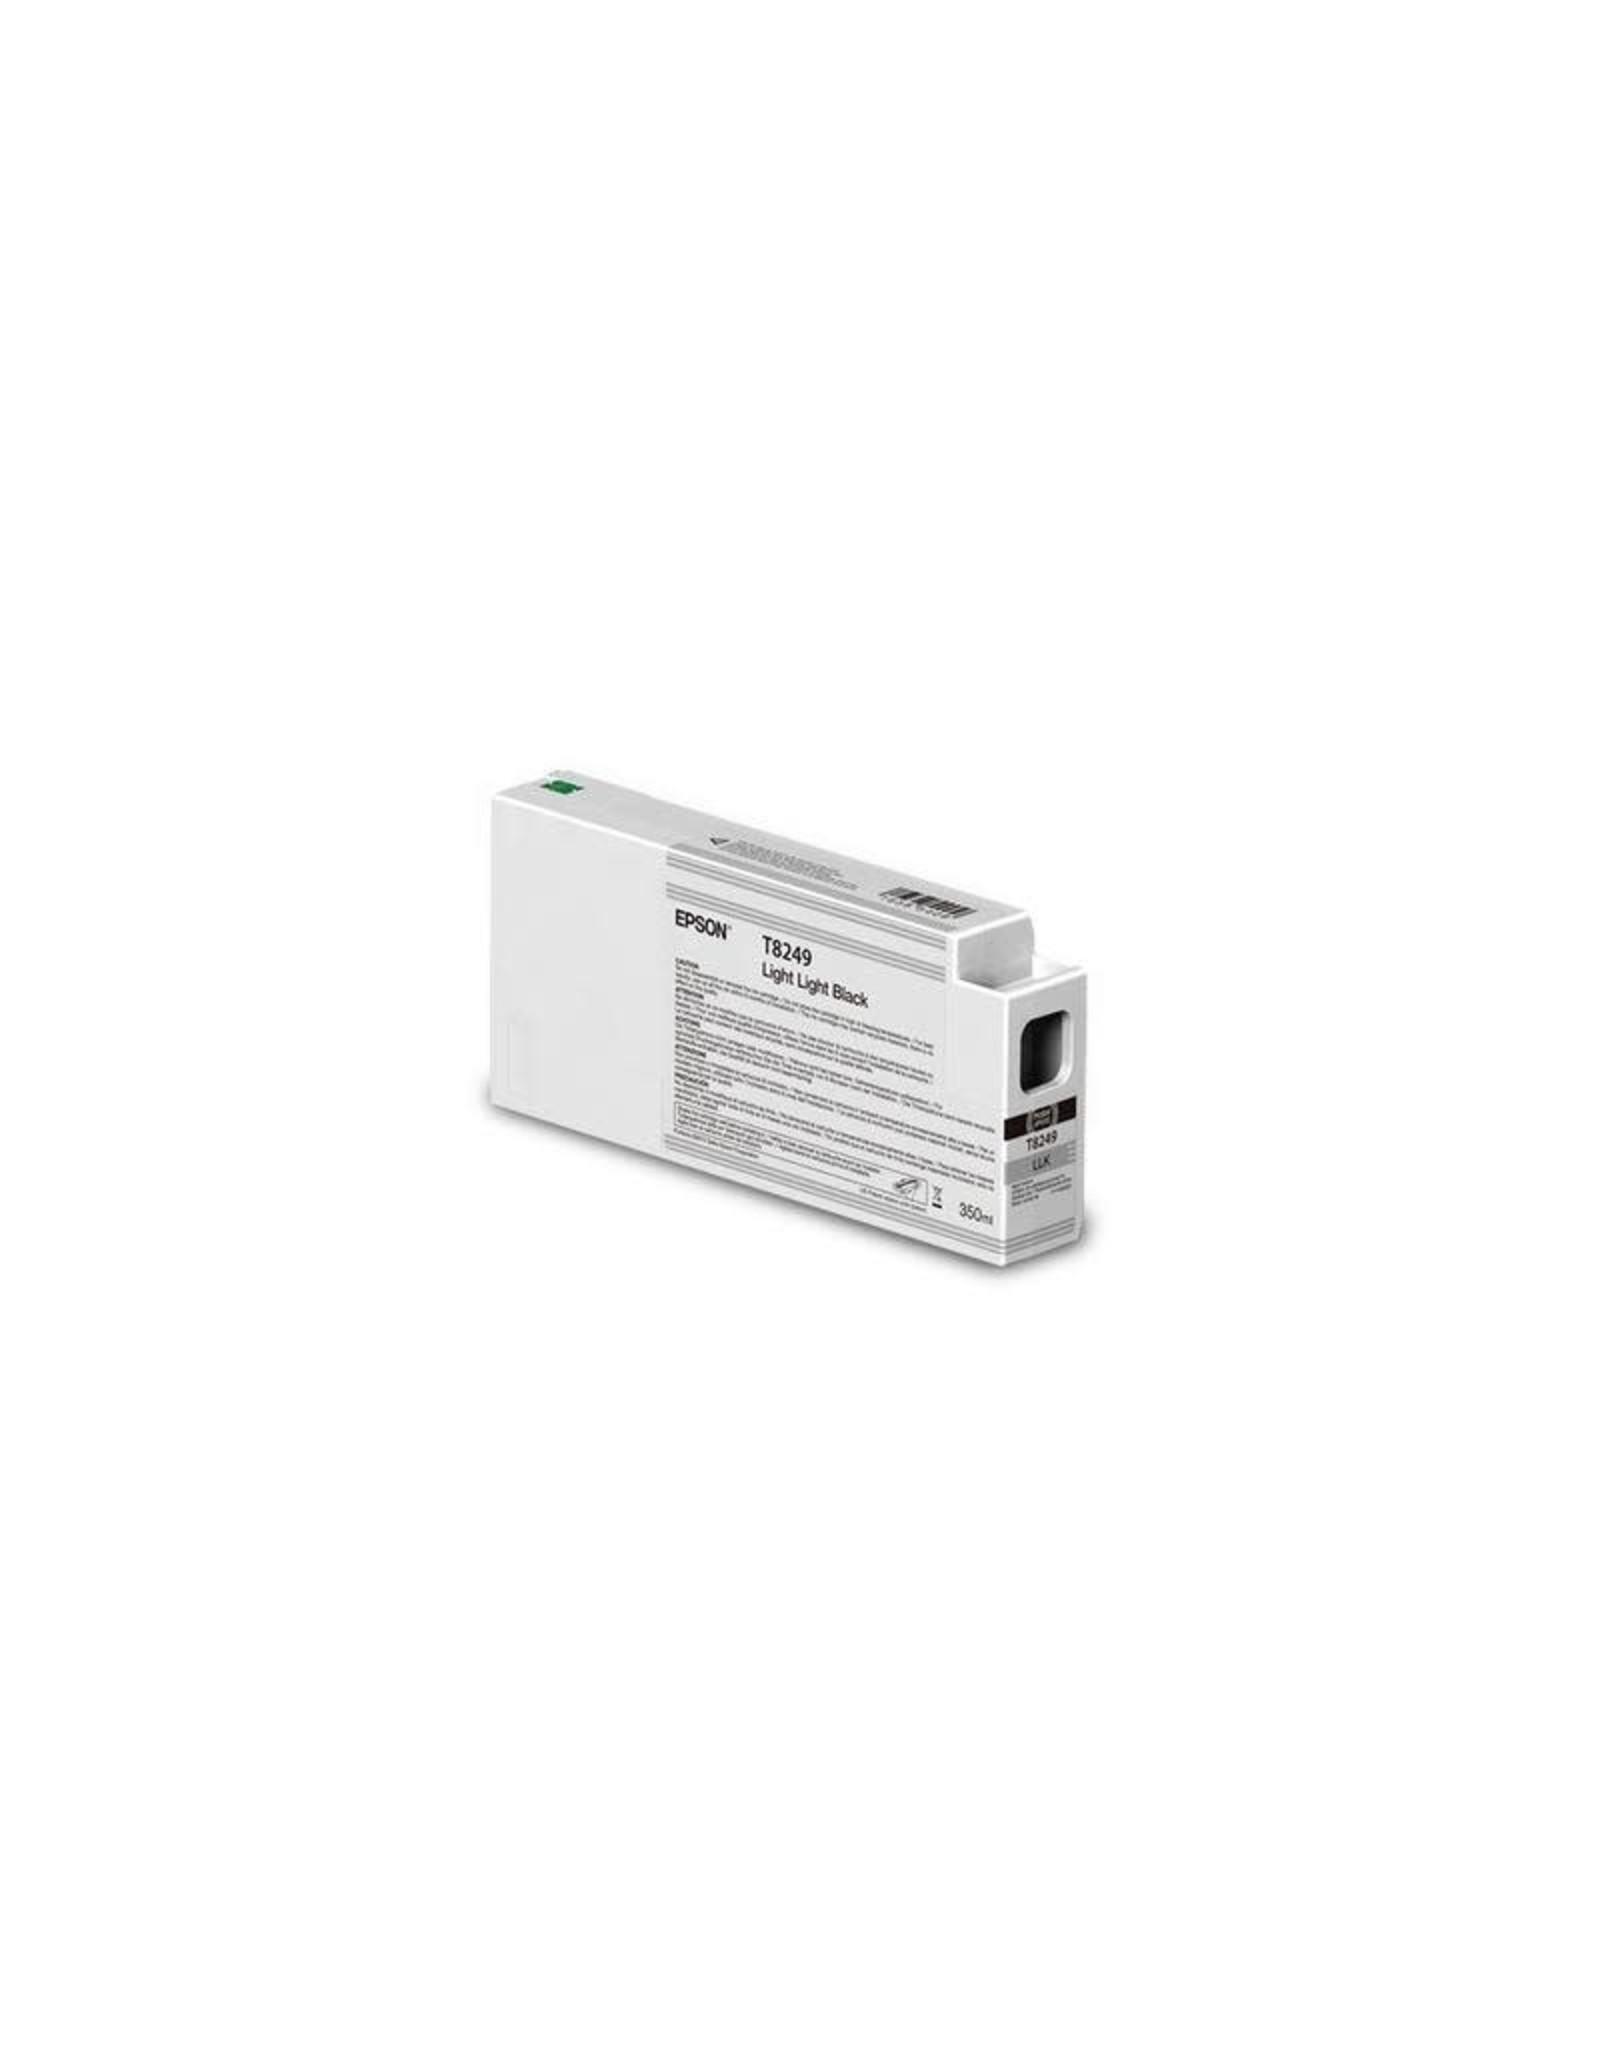 Epson Epson Ultrachrome HD Light Light BLK Ink 350ML for SC-P7000/9000